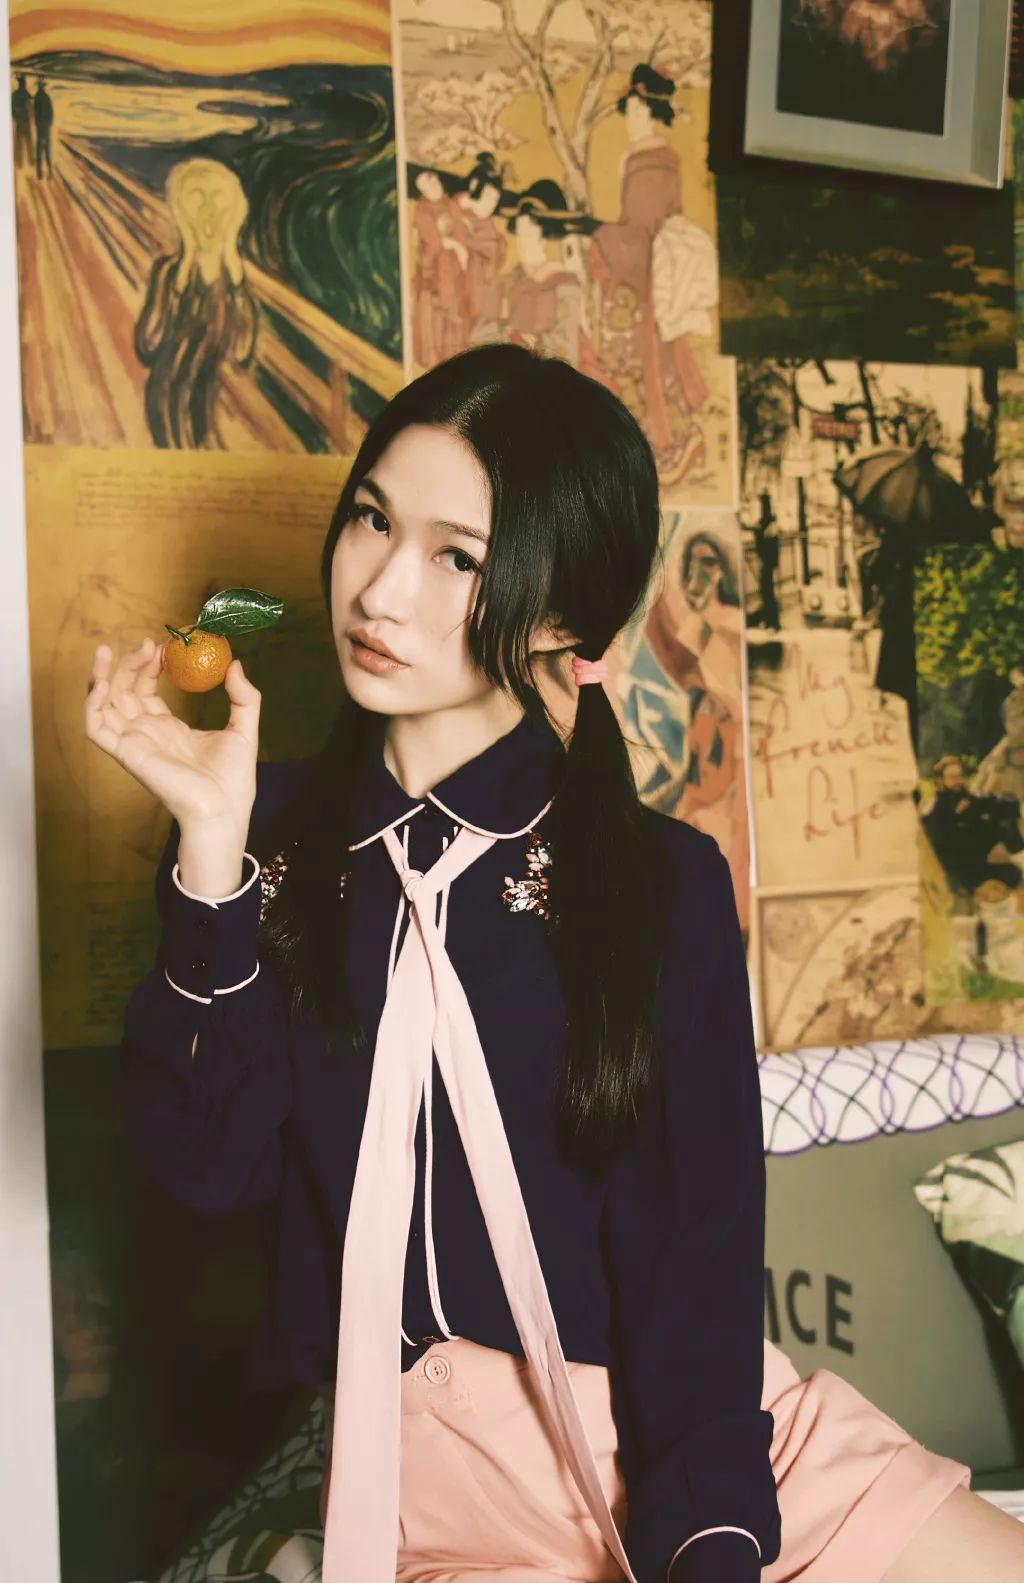 """她被媒界喻为""""荷画美人"""",亦被称为中国最年轻的女画家插图10"""